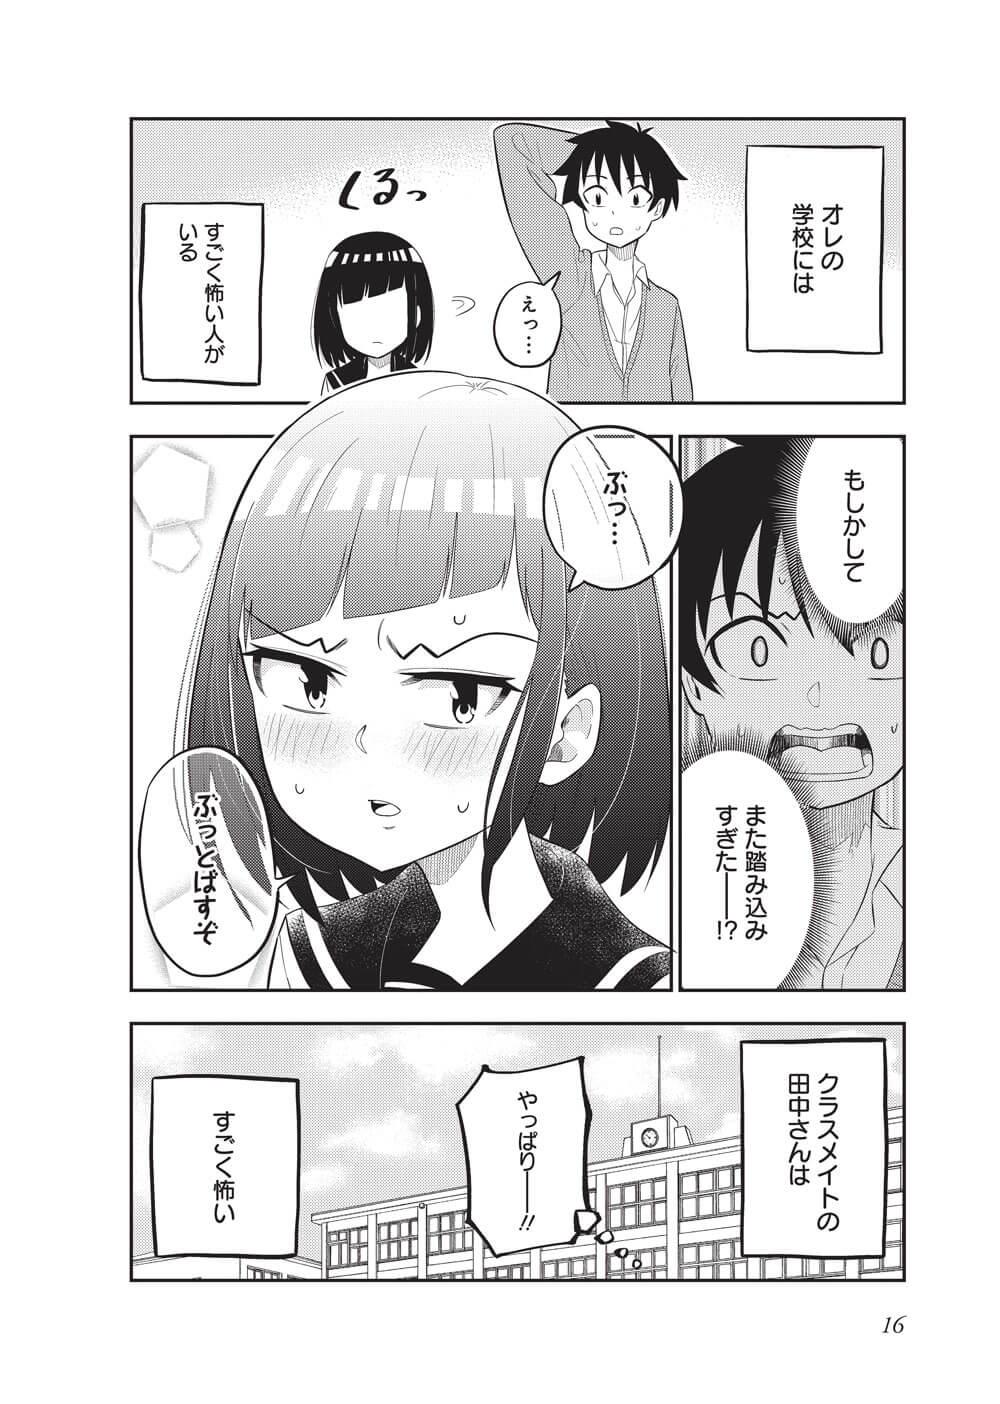 クラスメイトの田中さんはすごく怖い-1-14